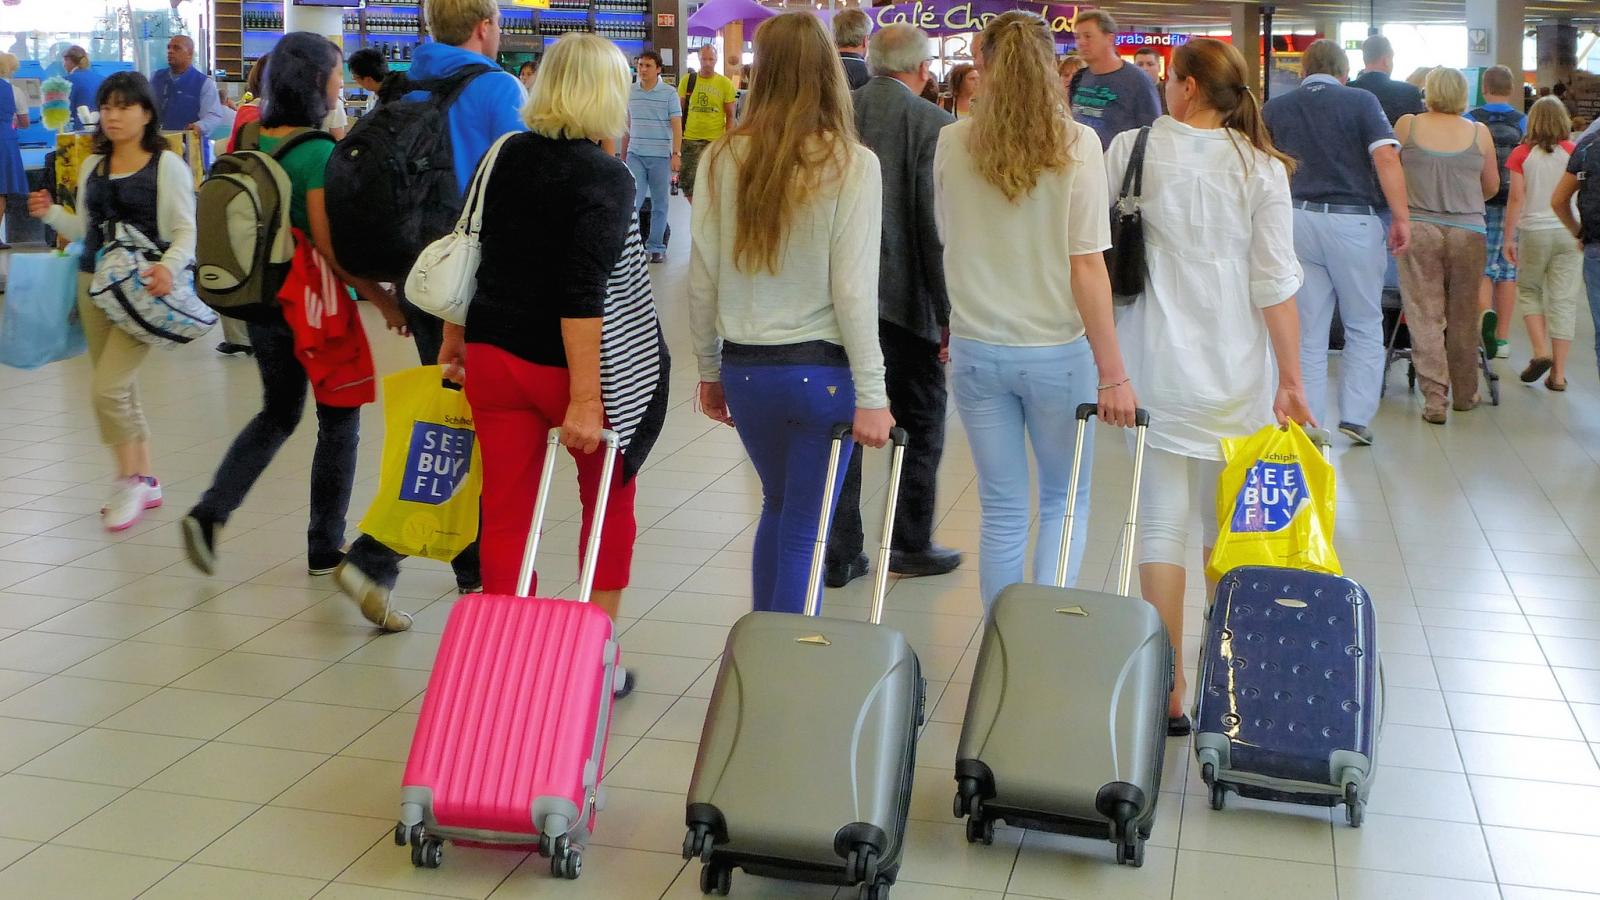 Bellas rubias en el aeropuerto - 1600x900